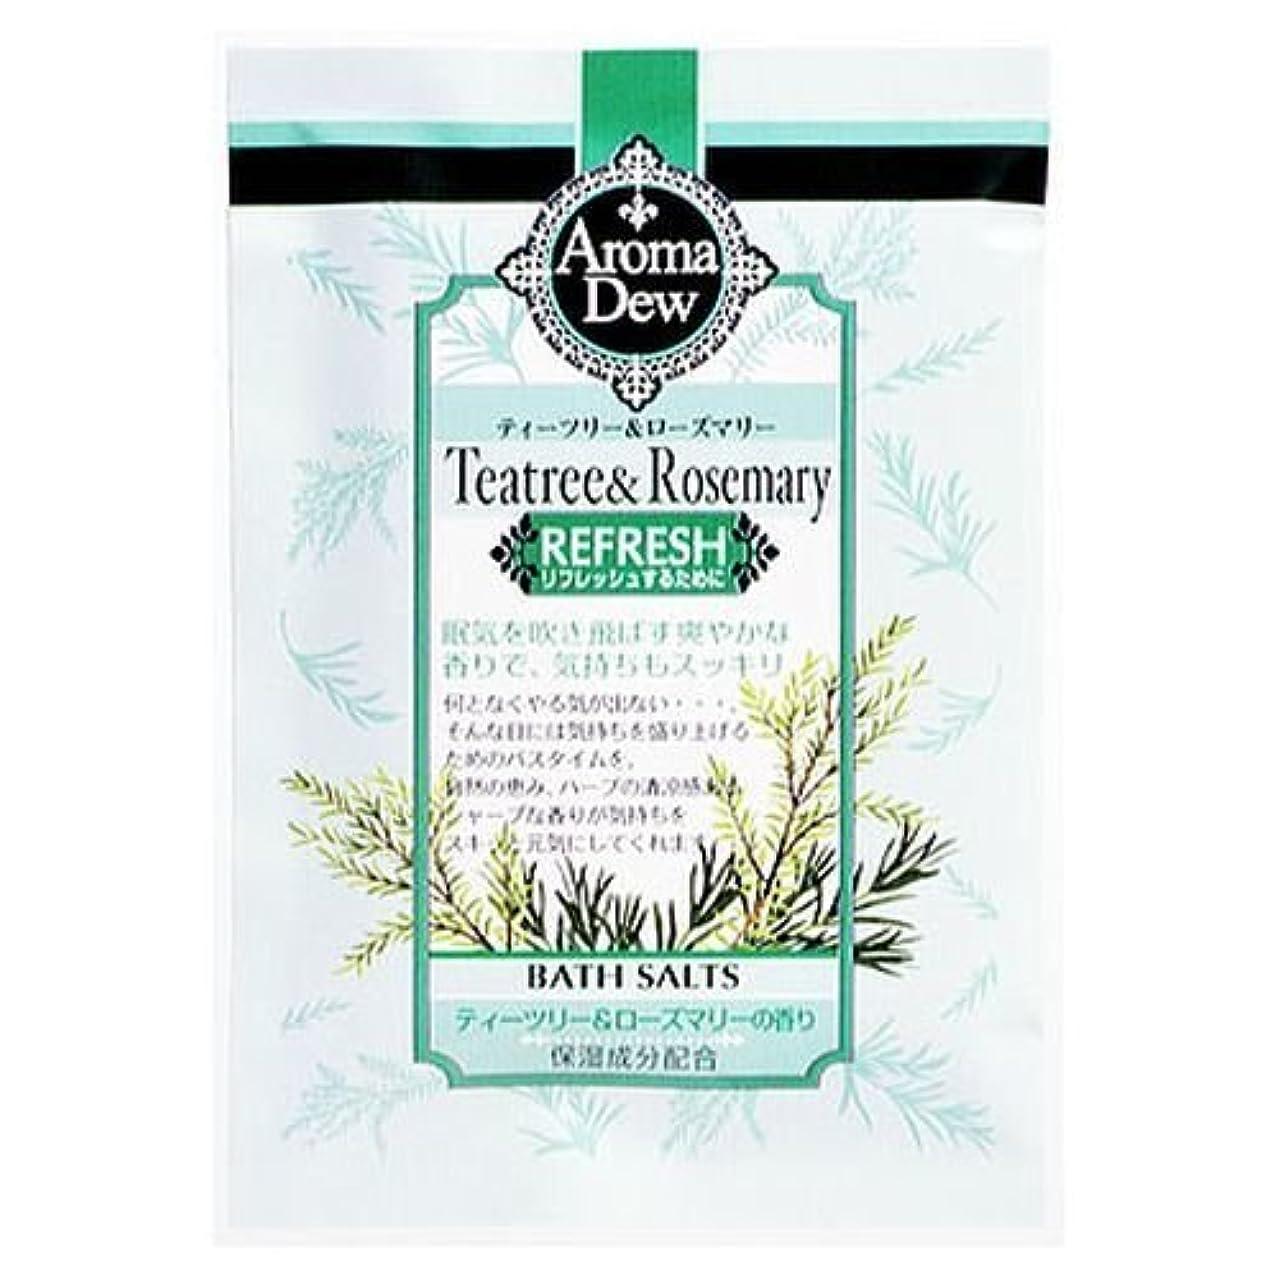 課税ファンシーロードブロッキングアロマデュウ バスソルト ティーツリー&ローズマリーの香り ティーツリー&ローズ